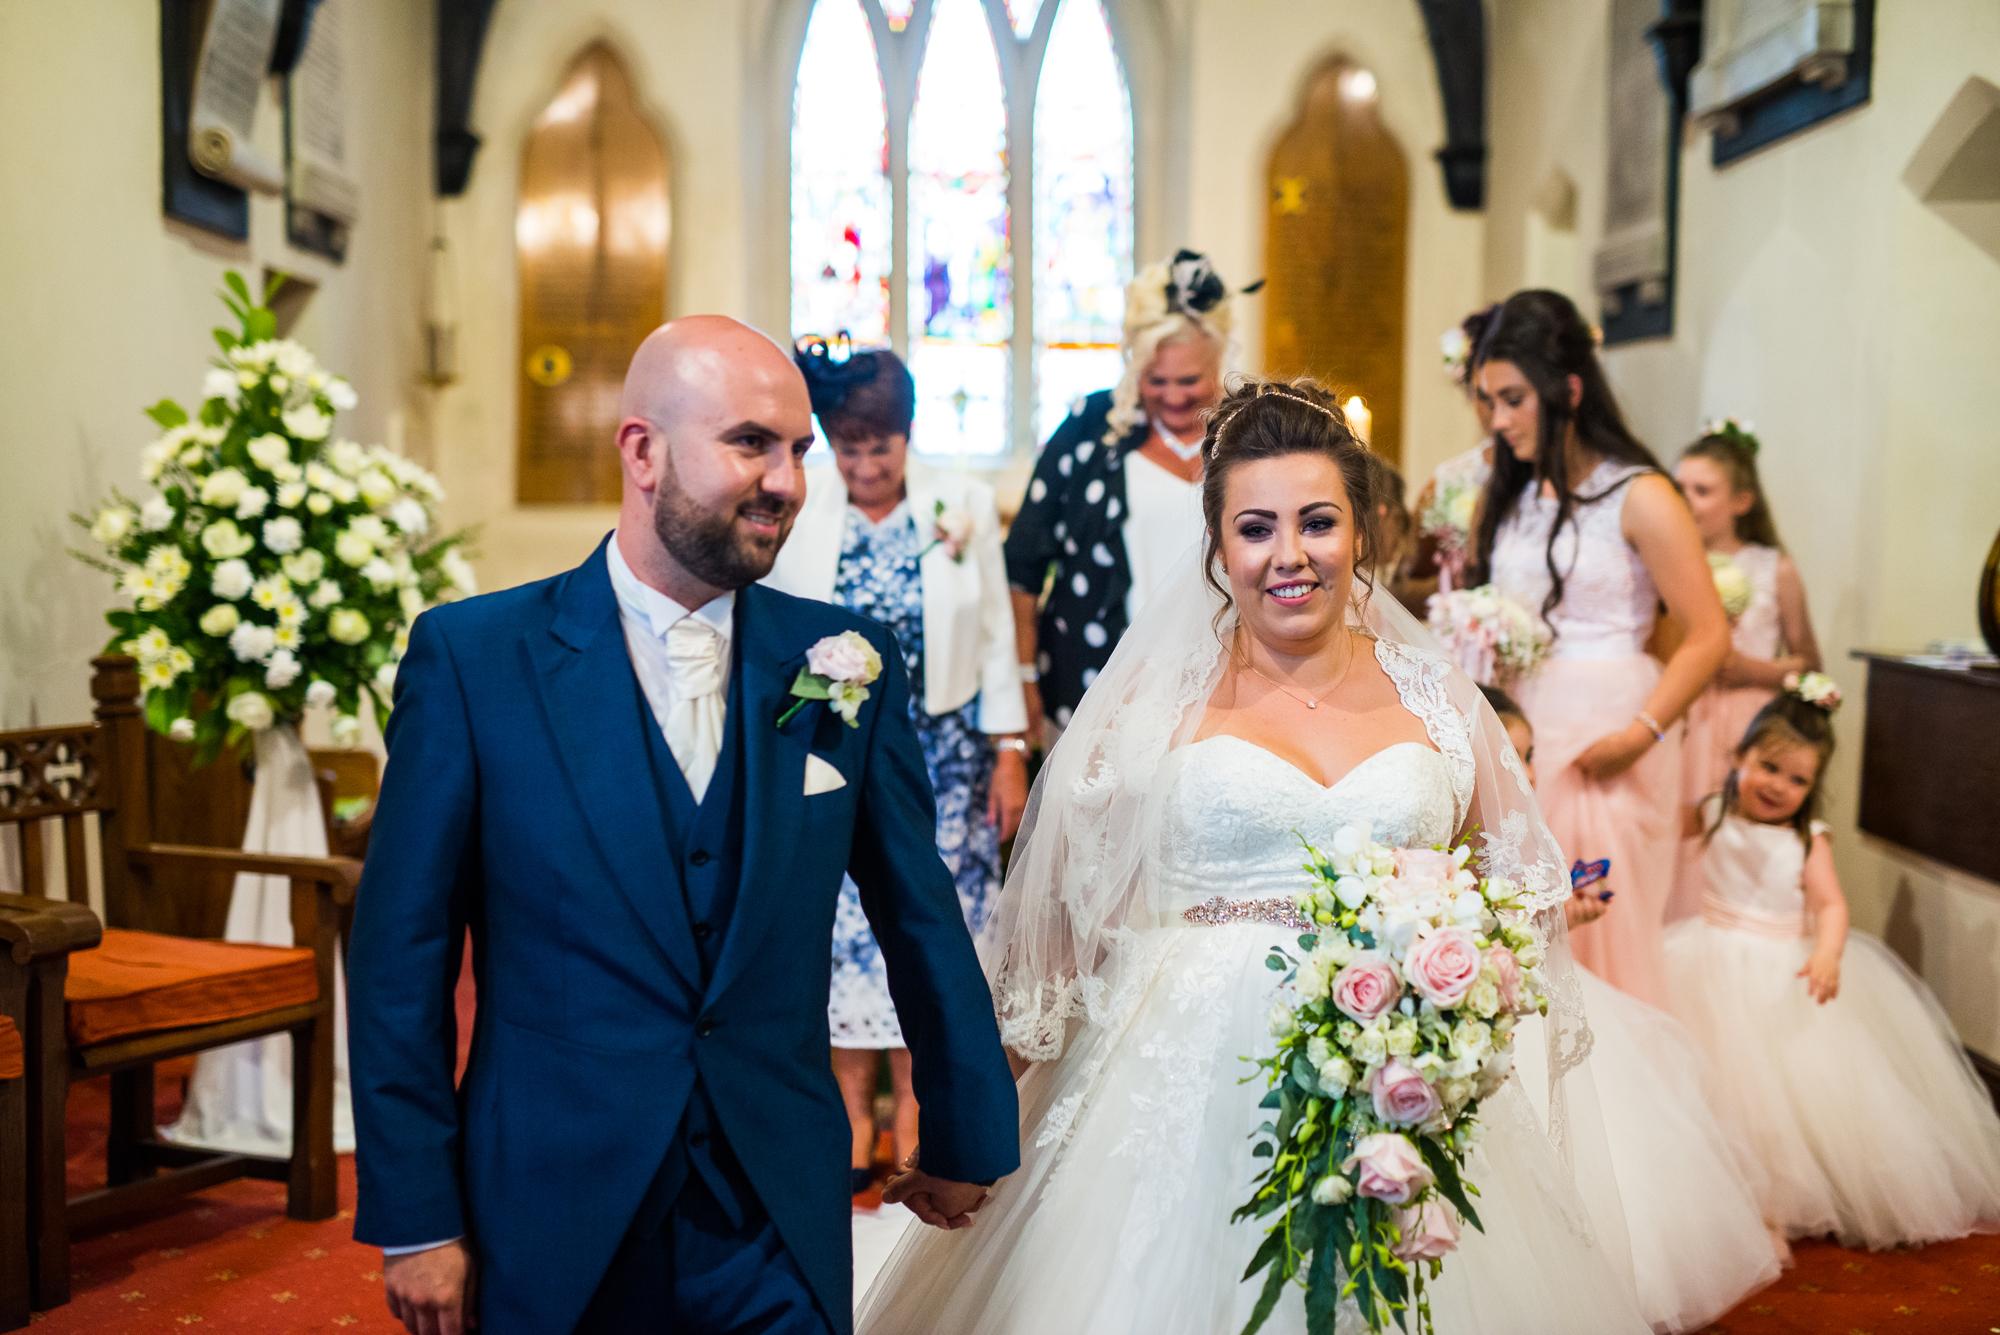 Roise and John wedding photos (148 of 383).jpg